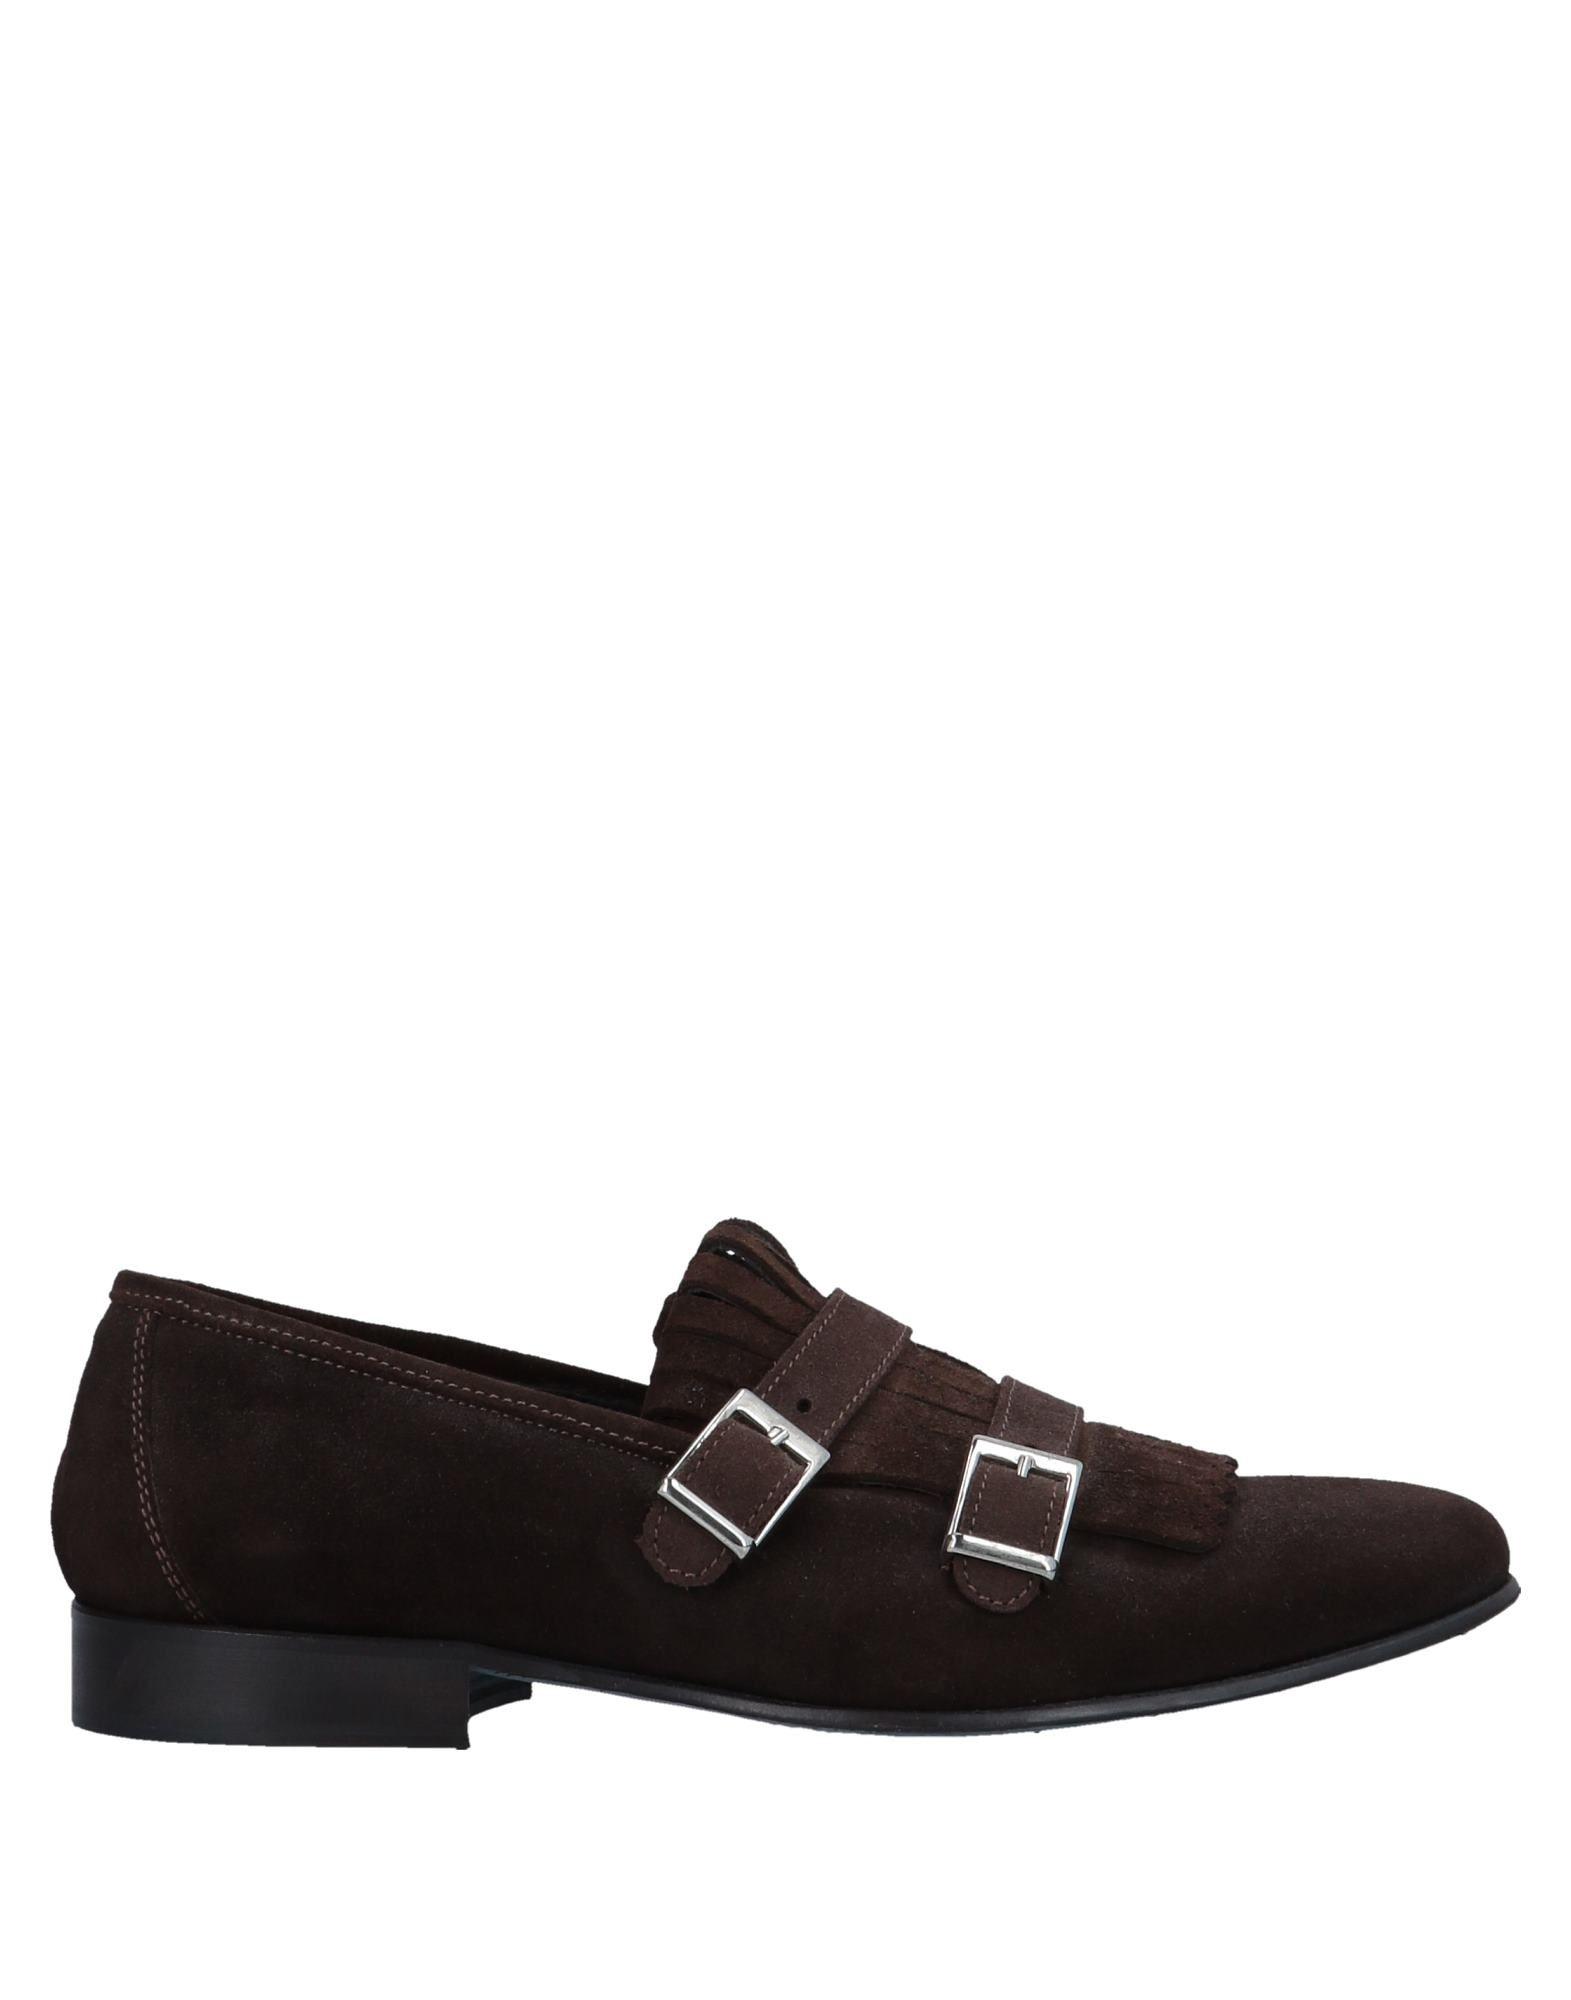 Daniele Alessandrini Mokassins Herren  11558617DX Gute Qualität beliebte Schuhe